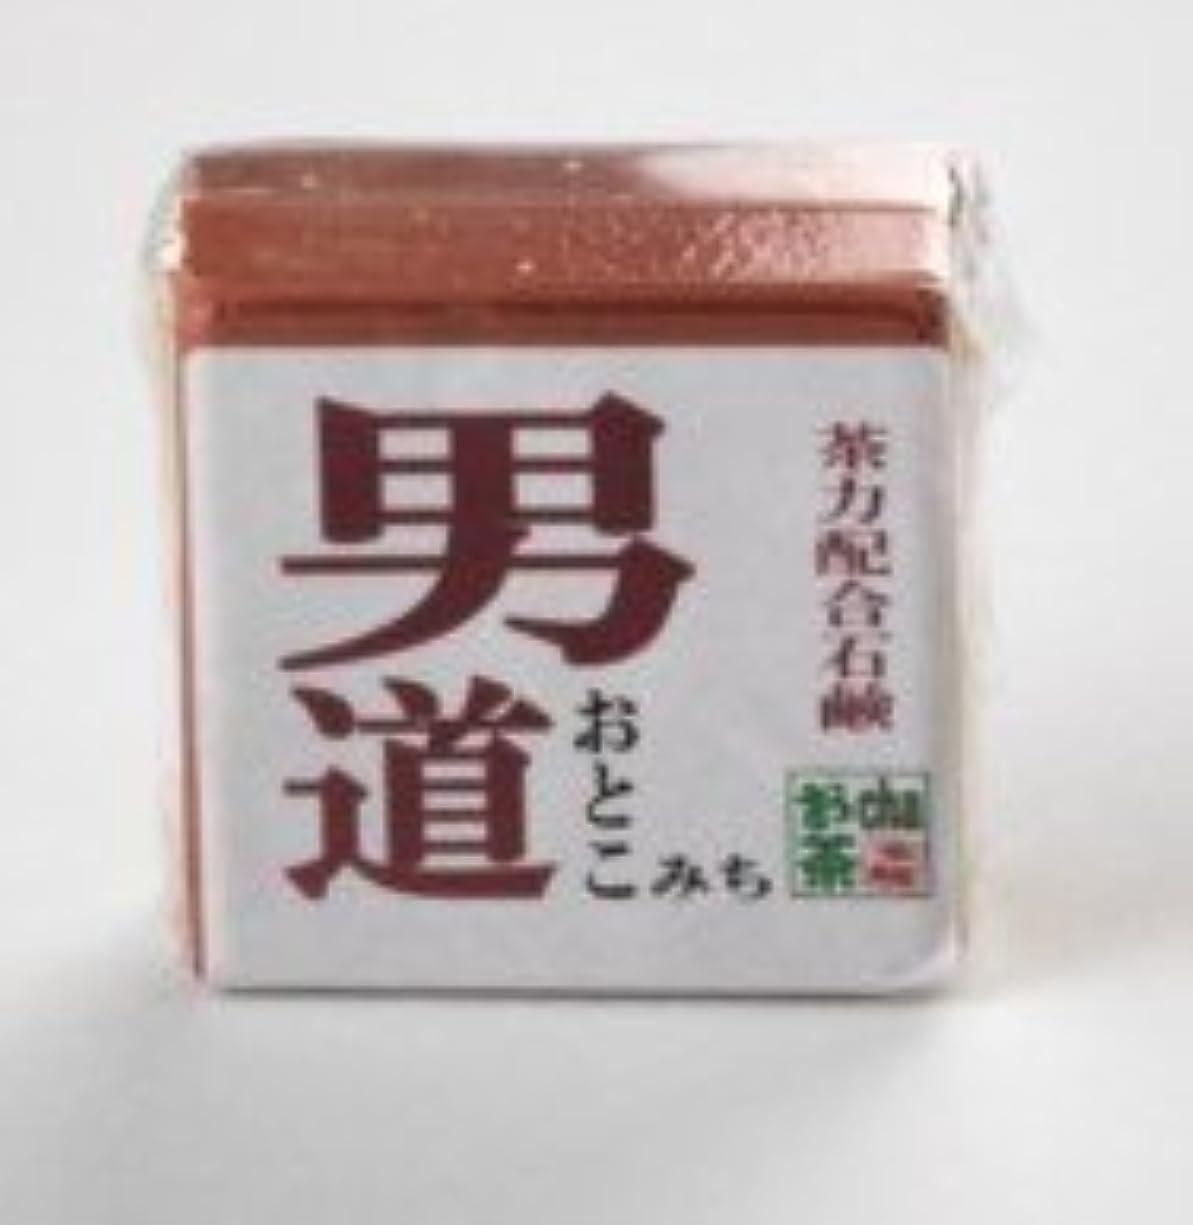 不当盆地取得男性用無添加石鹸 『 男 道 』(おとこみち) 115g固形タイプ 抗菌力99.9%の日本初の無添加石鹸